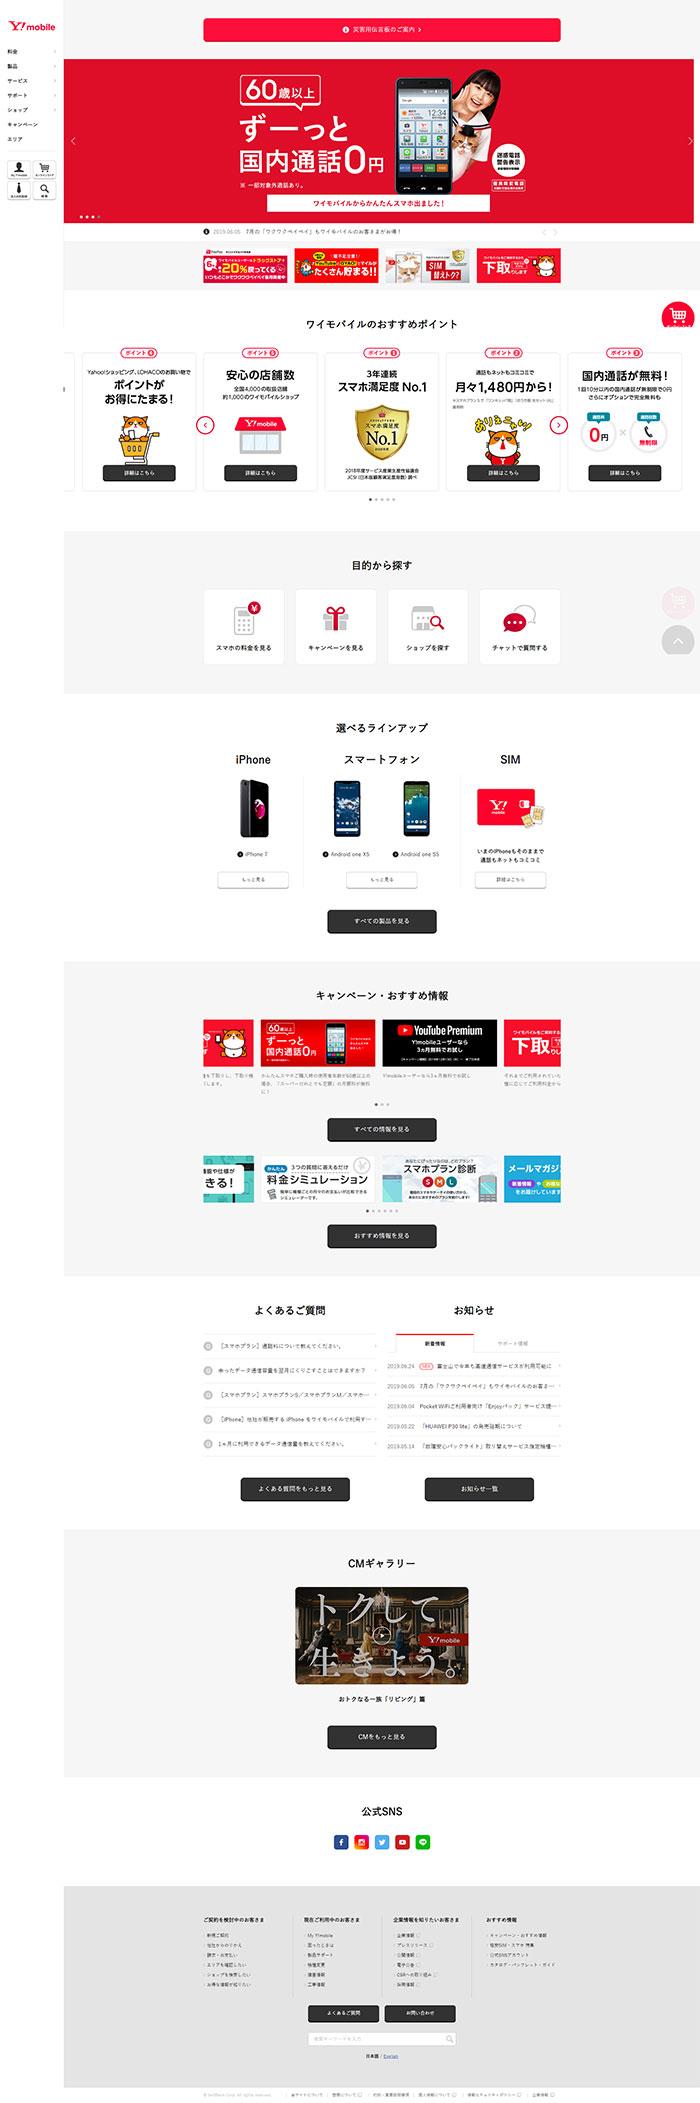 【公式】Y!mobile(ワイモバイル)- 格安SIM・スマホはワイモバイルで